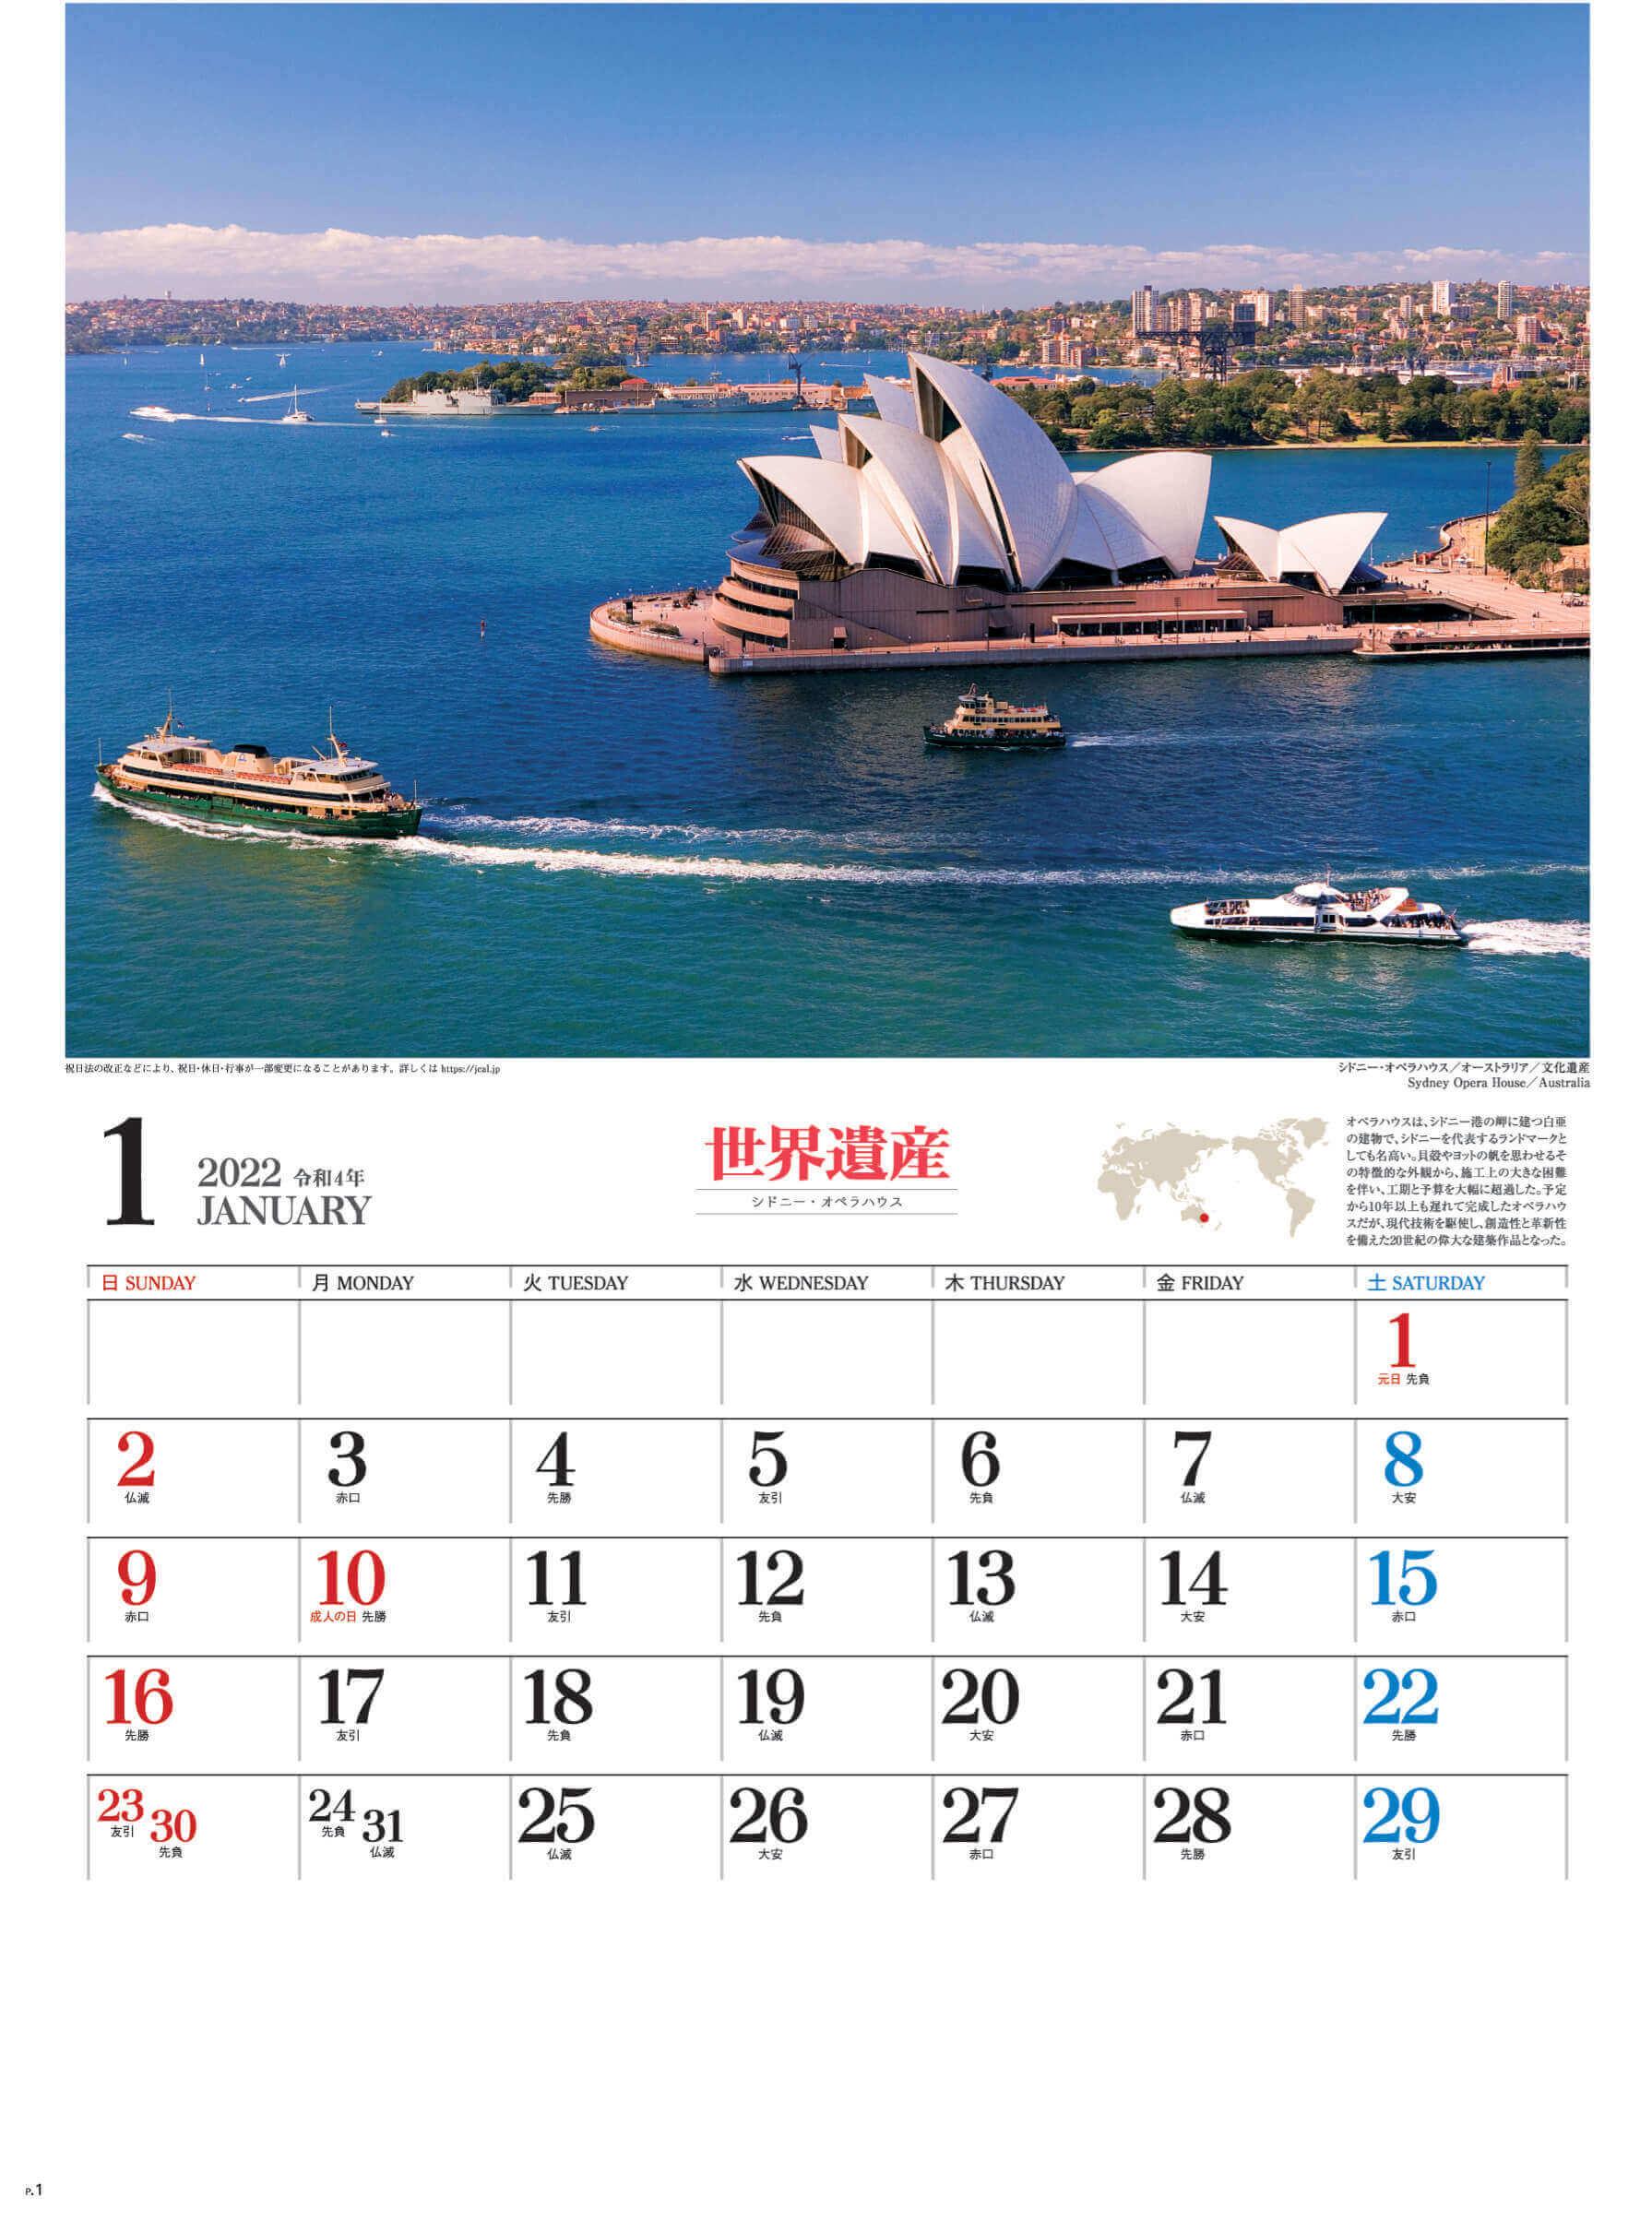 1月 シドニー・オペラハウス オーストラリア ユネスコ世界遺産 2022年カレンダーの画像